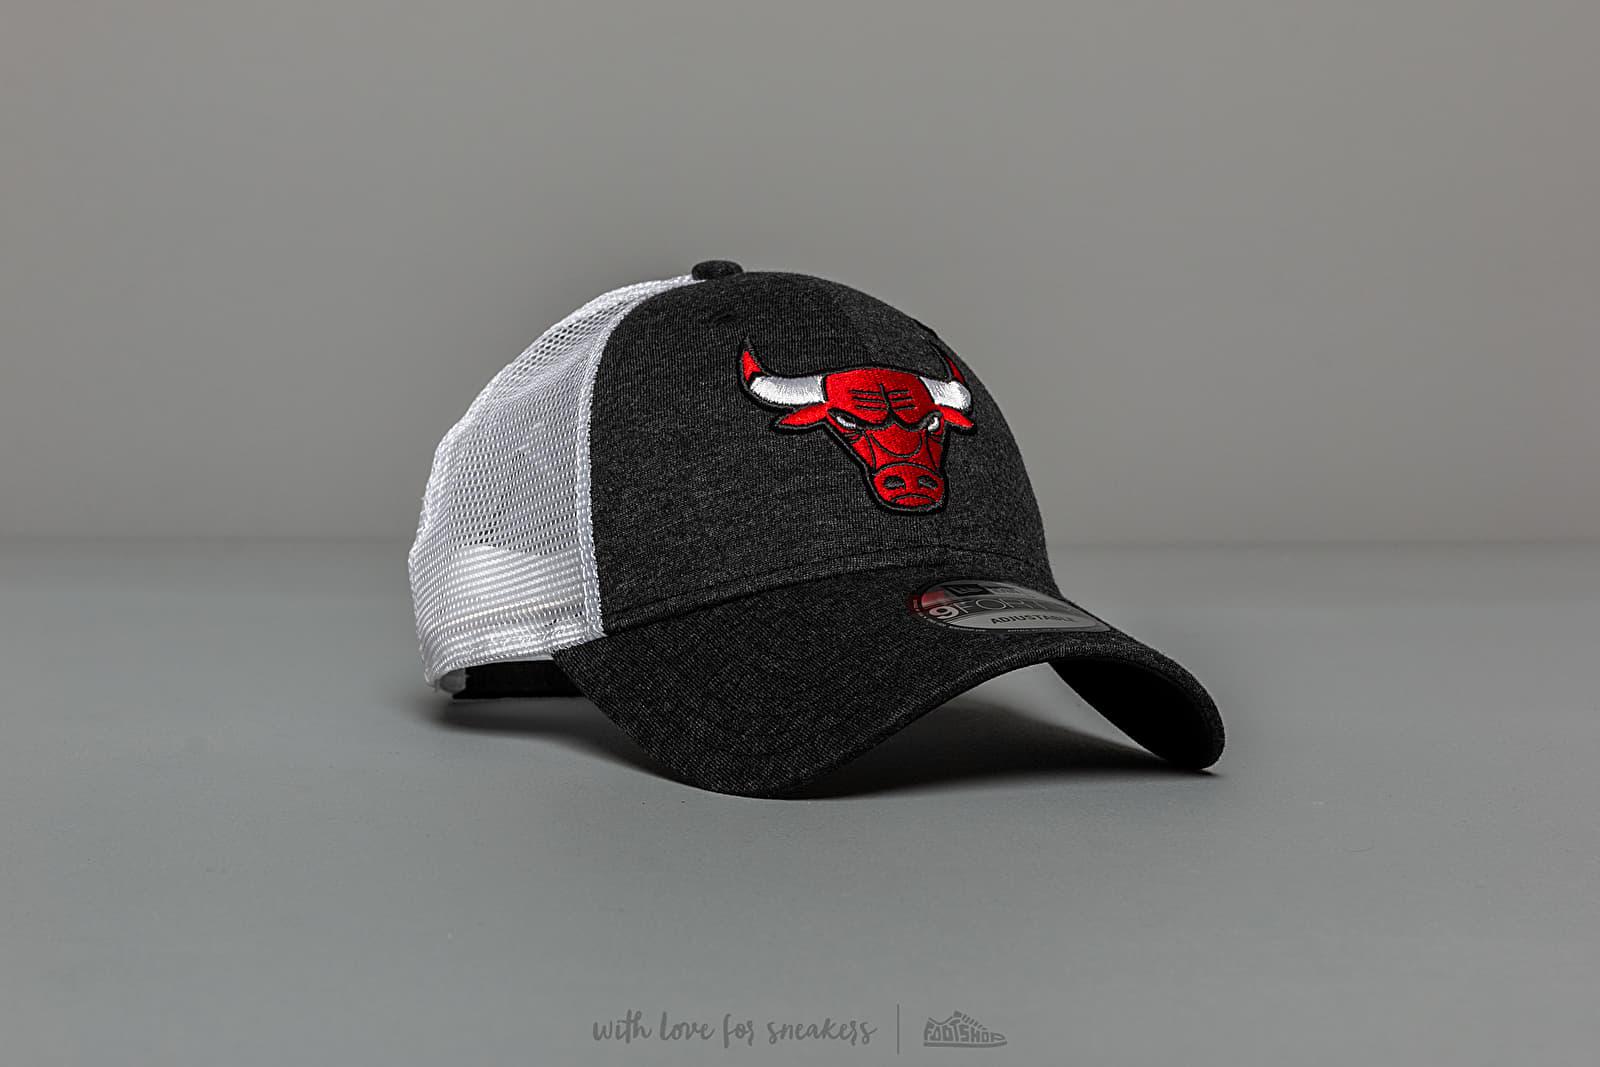 best service ed21b e7fde New Era 9Forty NBA Summer League Chicago Bulls Trucker Black